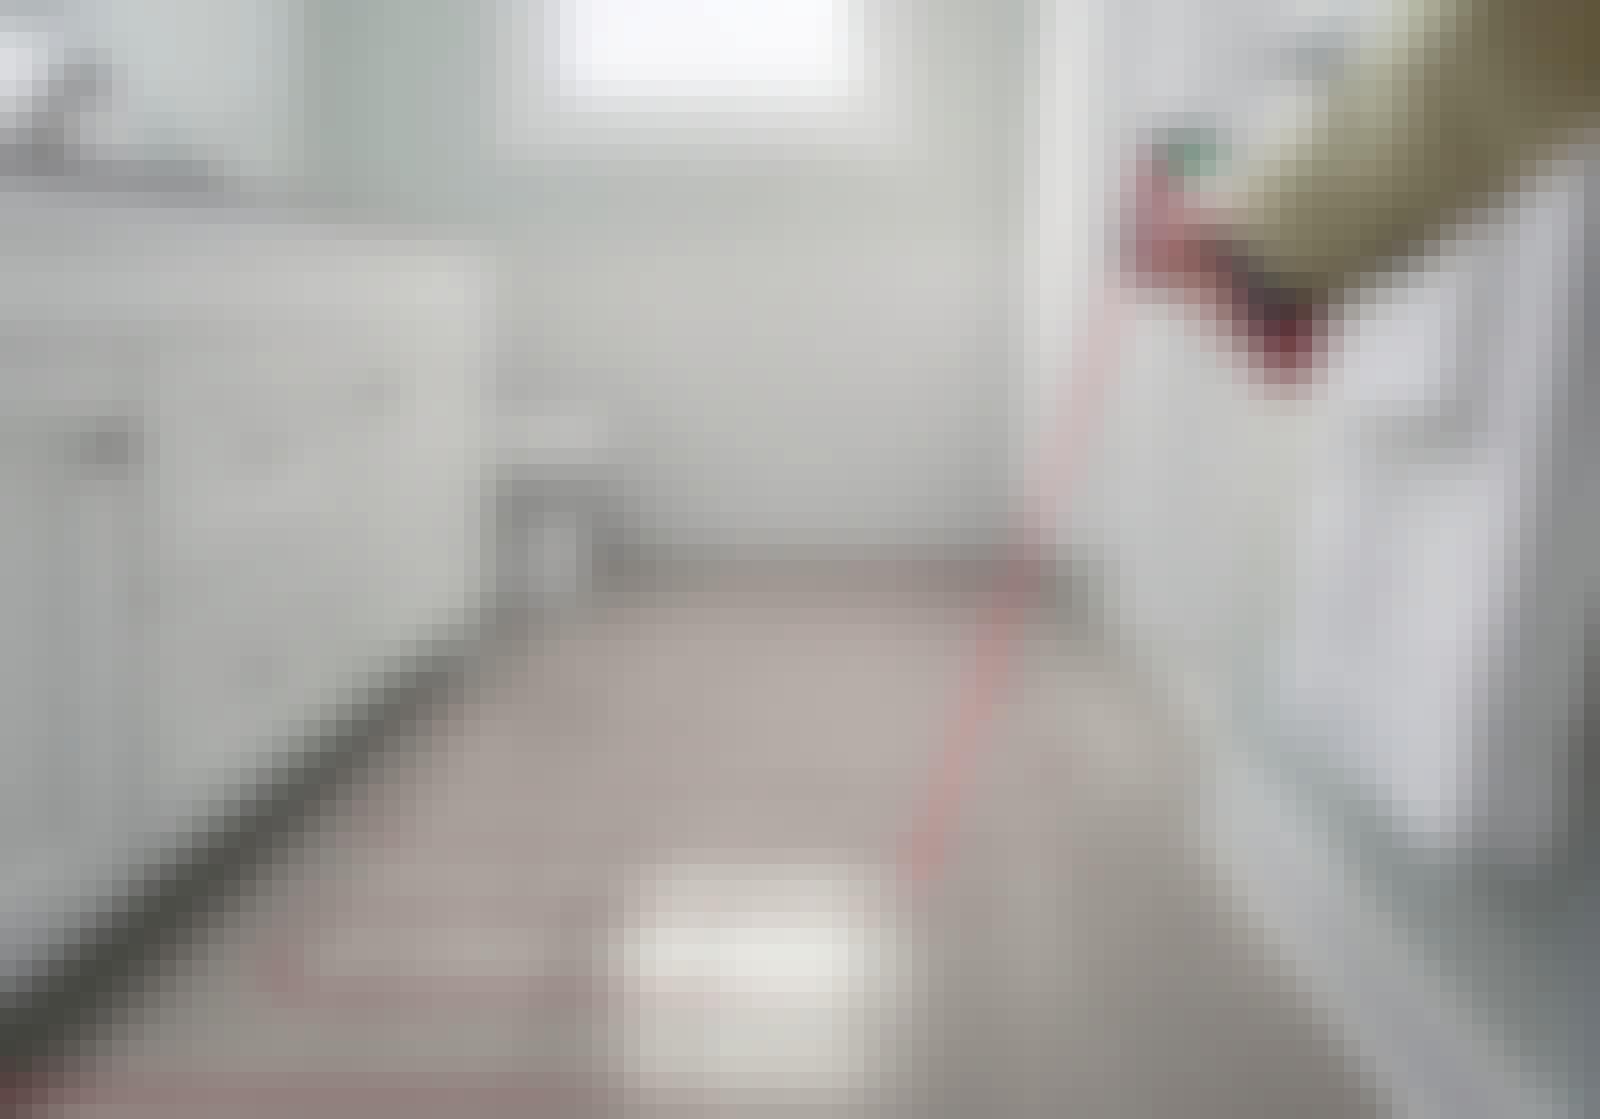 Sjekk gulvvarmen med et infrarødt termometer